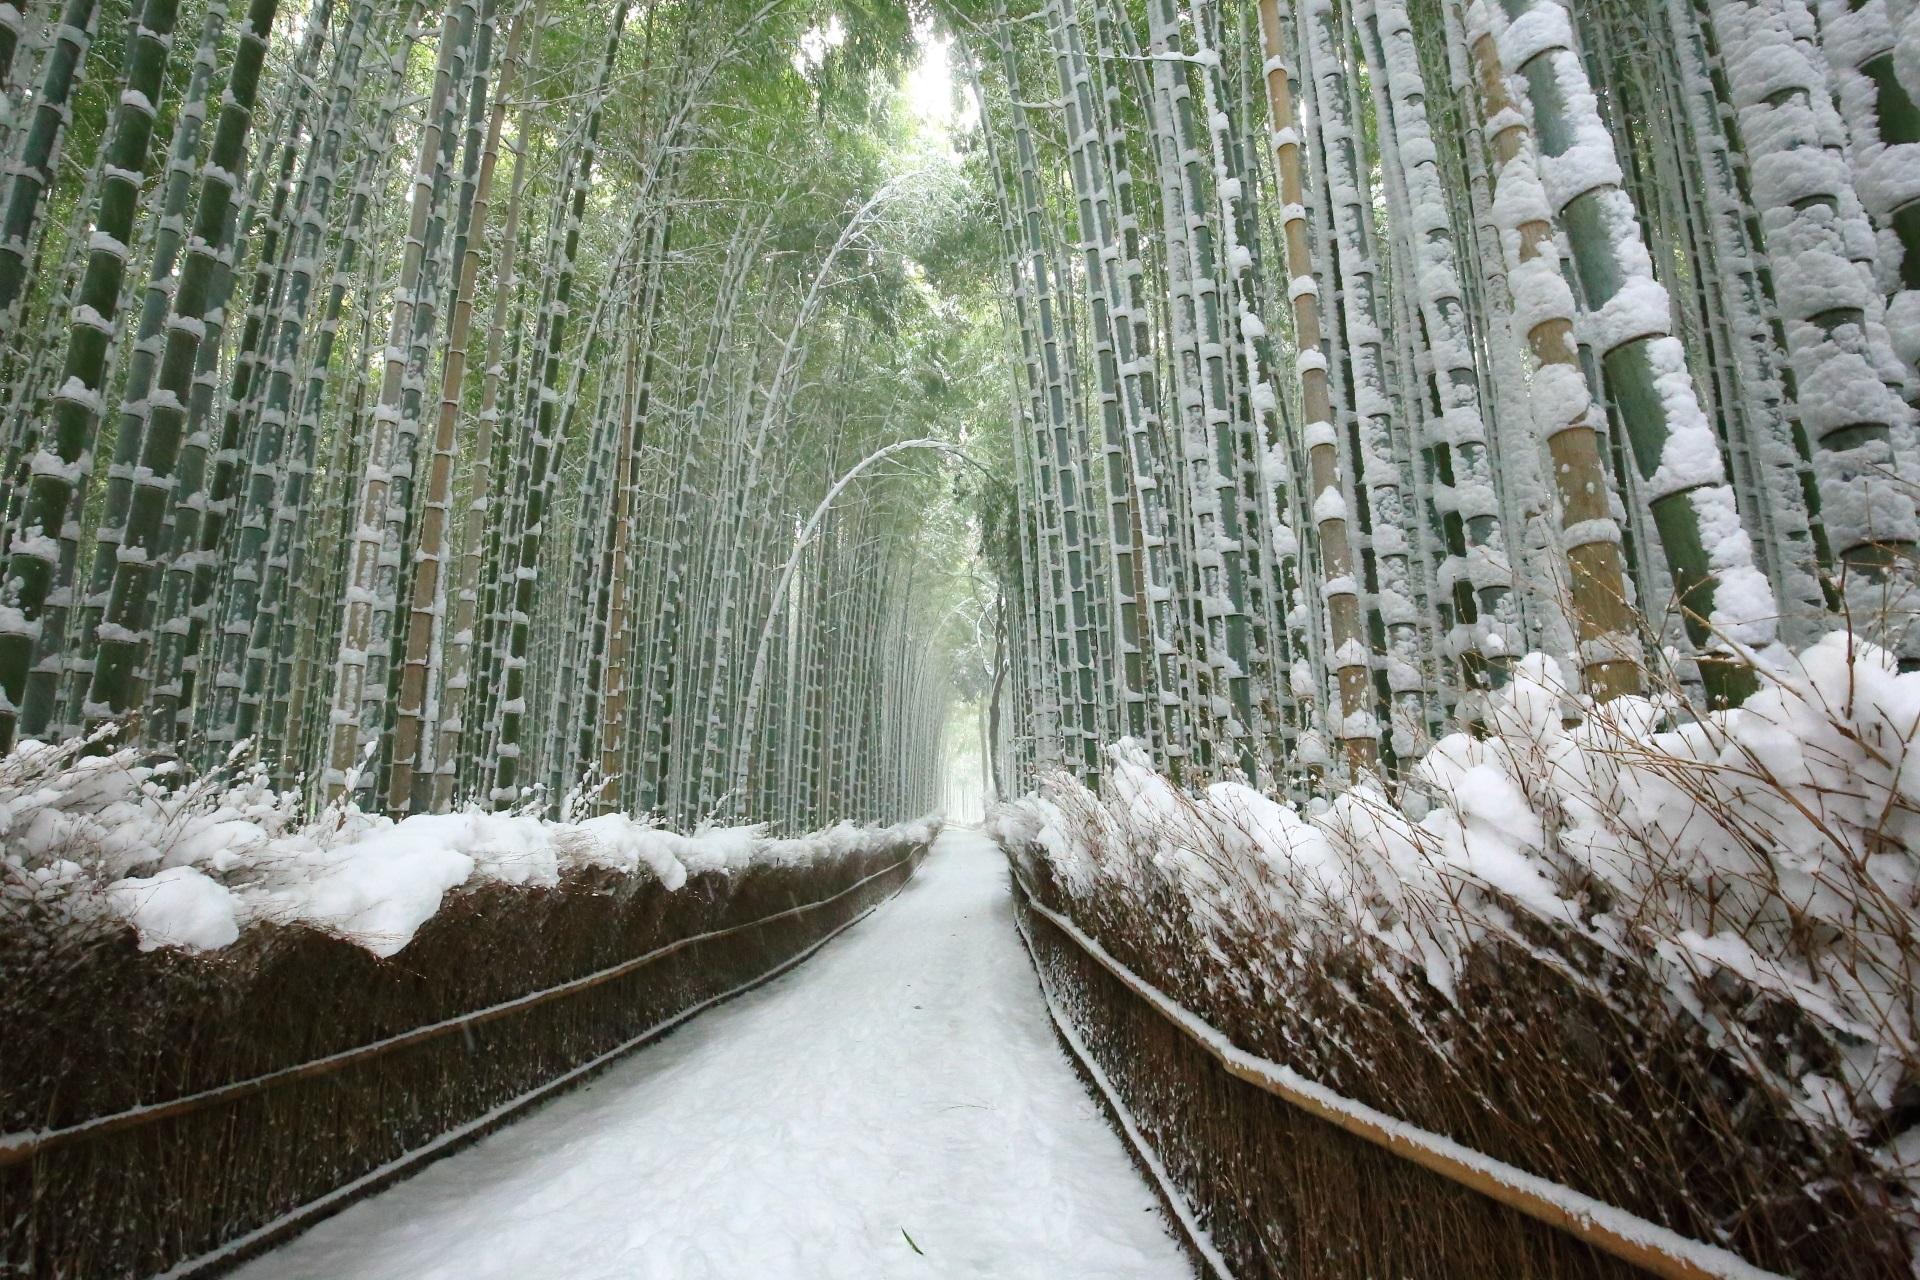 竹林の道 雪 京都嵯峨野 竹林の美しい冬景色